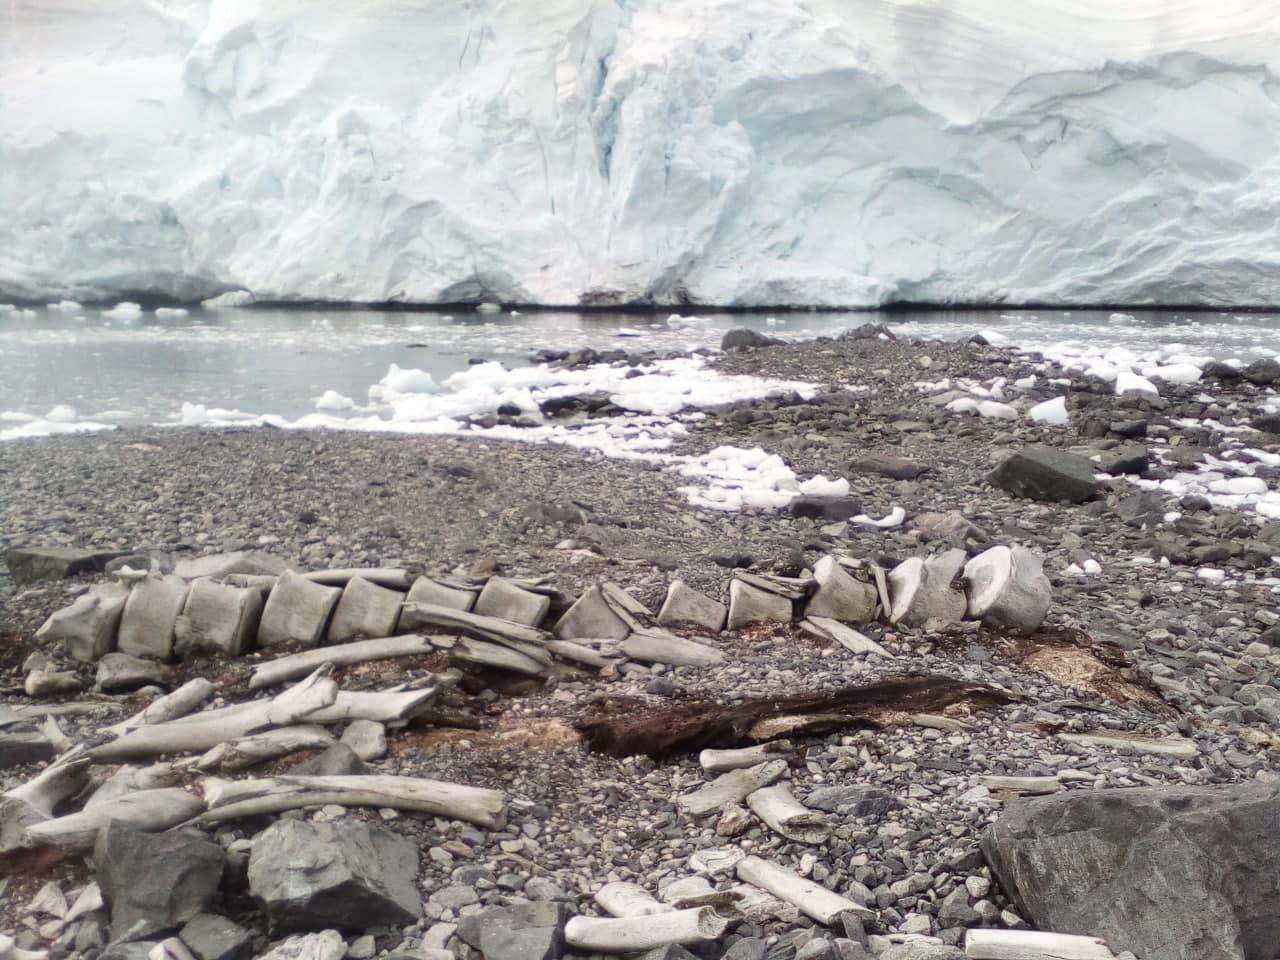 """Велетень із сьомого століття: вчені НАНЦ дізналися, скільки років загадковому скелету кита в районі """"Вернадського"""""""